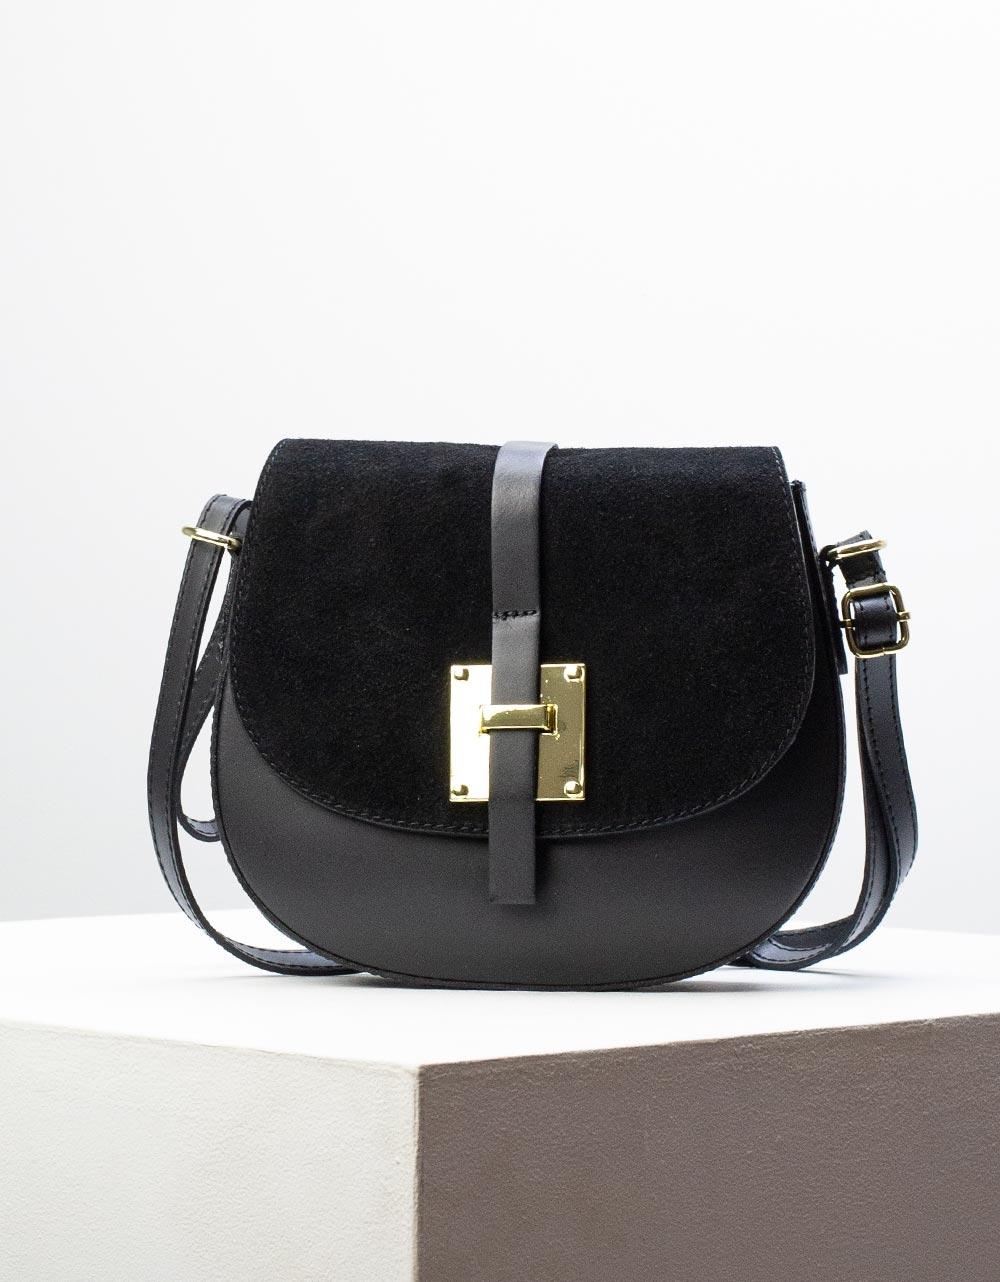 Εικόνα από Γυναικεία τσάντα ώμου & χιαστί από γνήσιο δέρμα σε συνδυασμούς υλικών Μαύρο